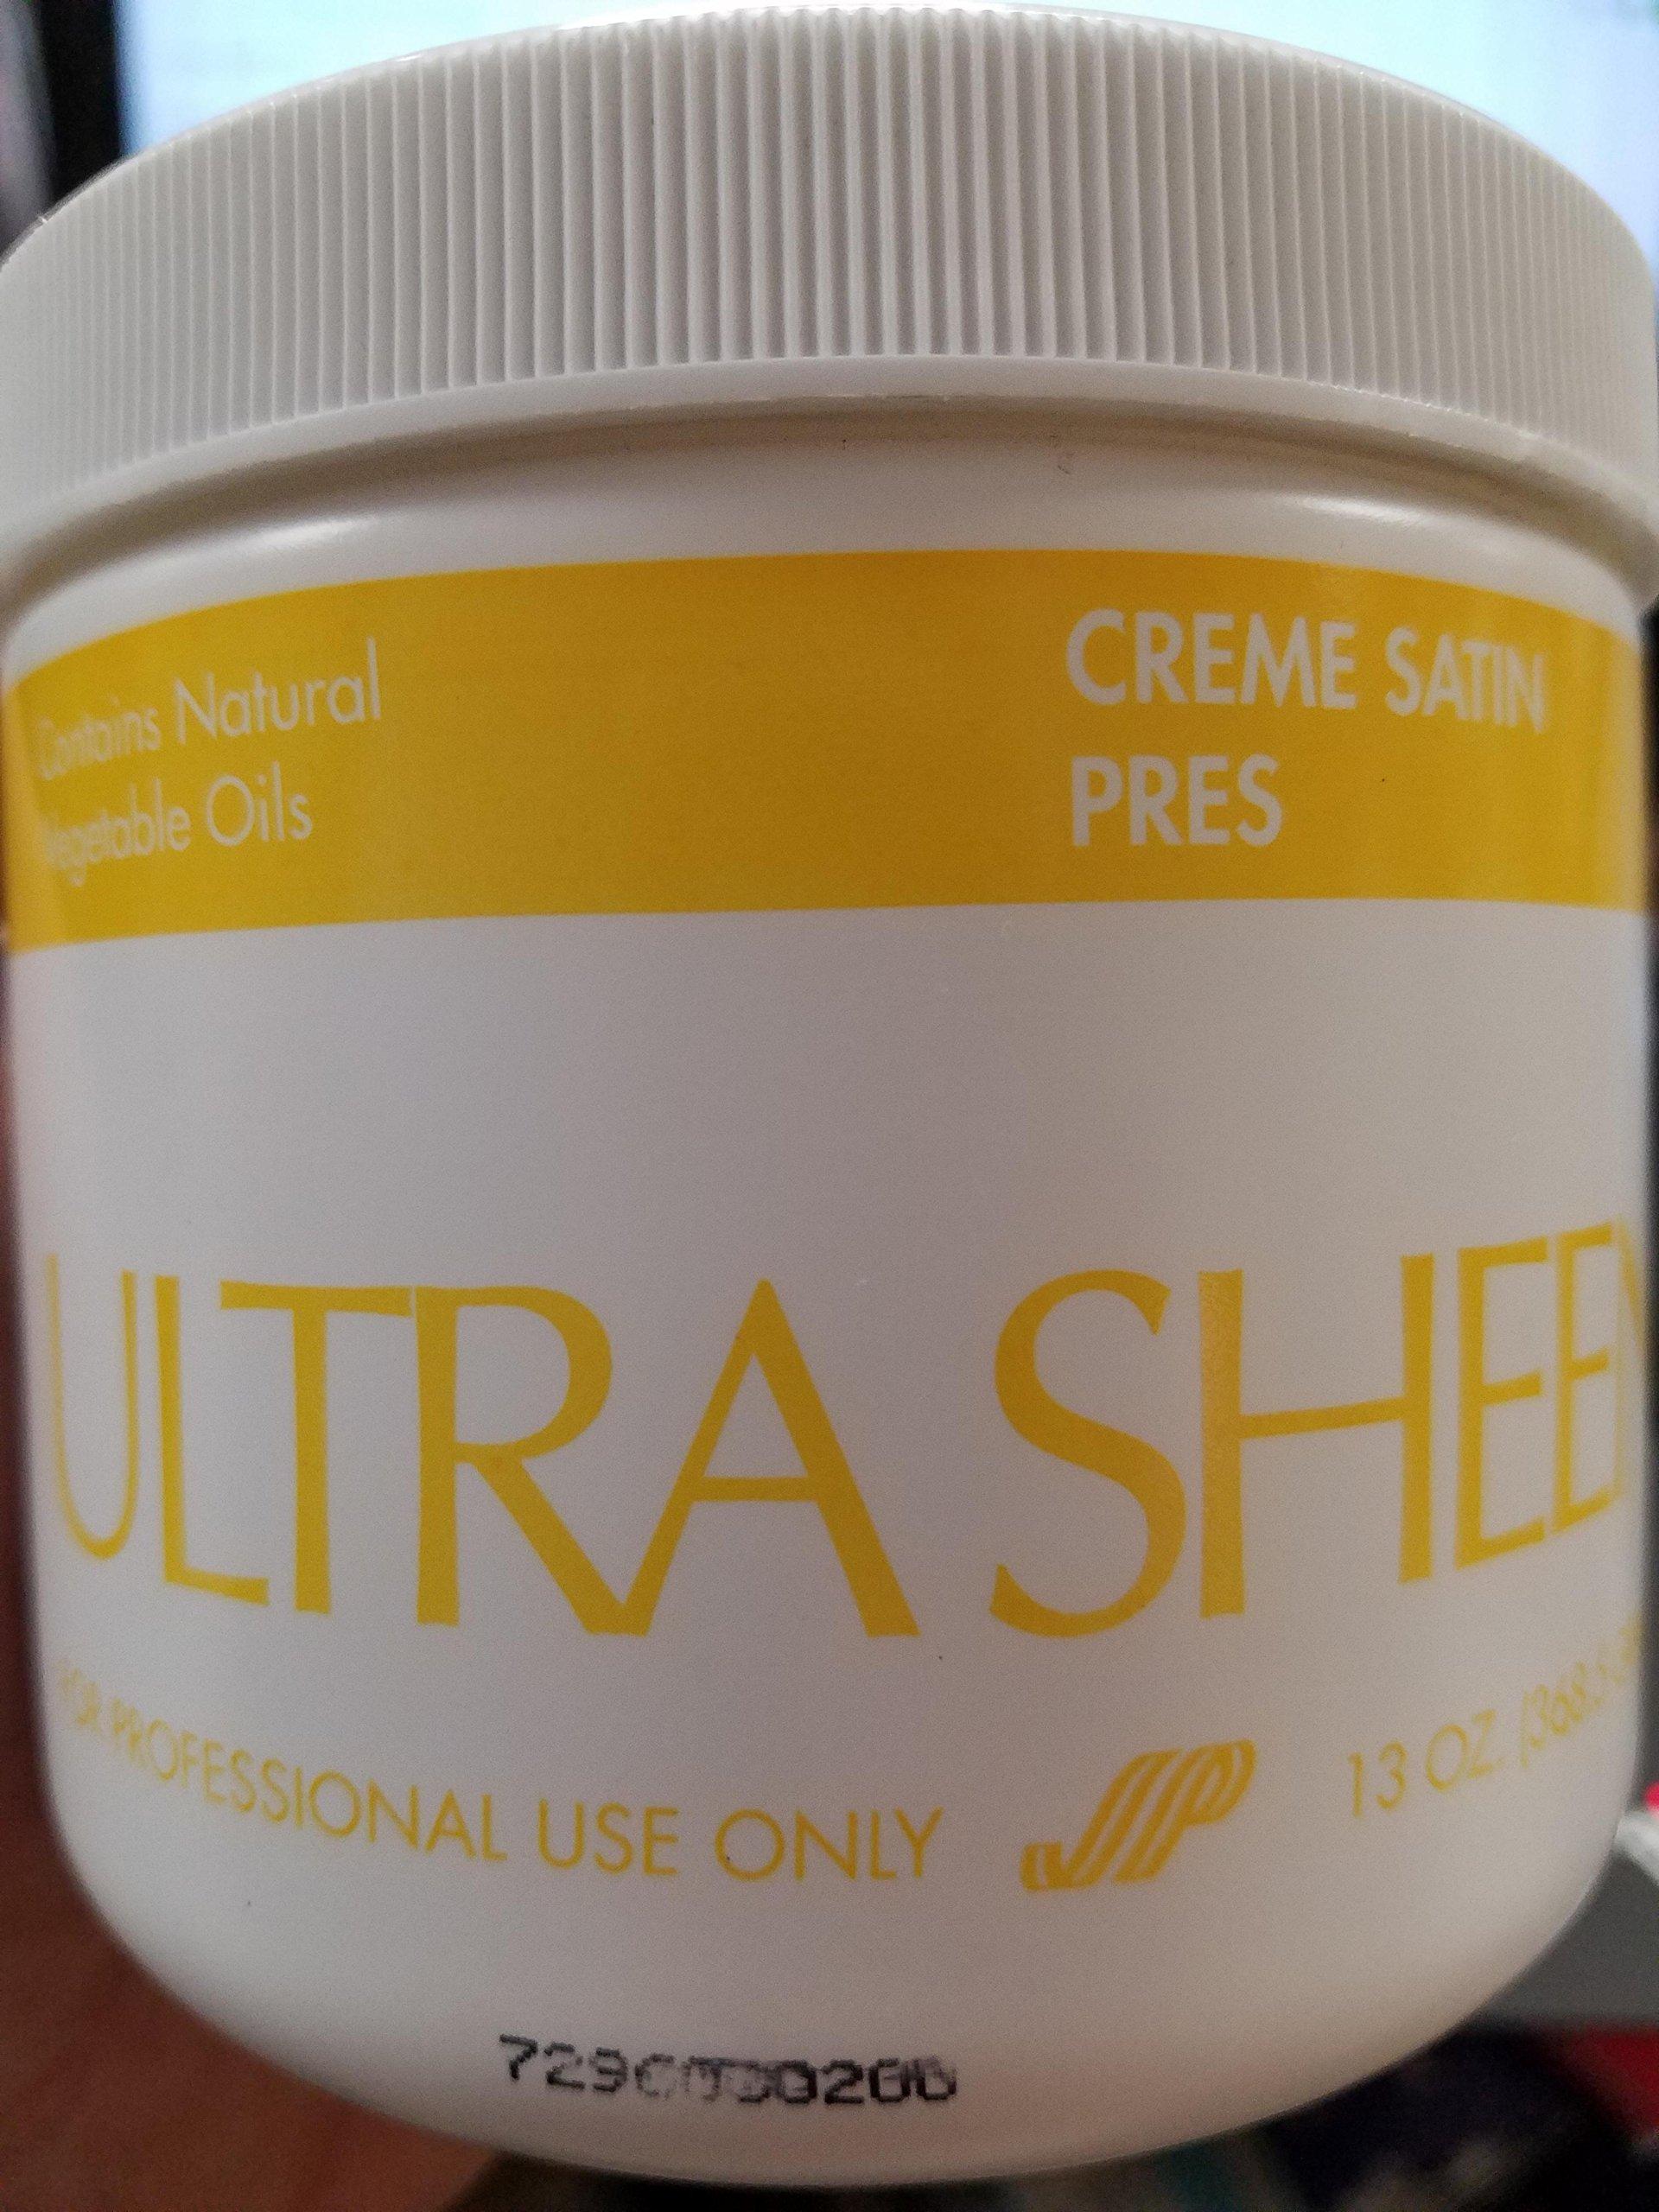 ultra sheen creme satin press 13 oz